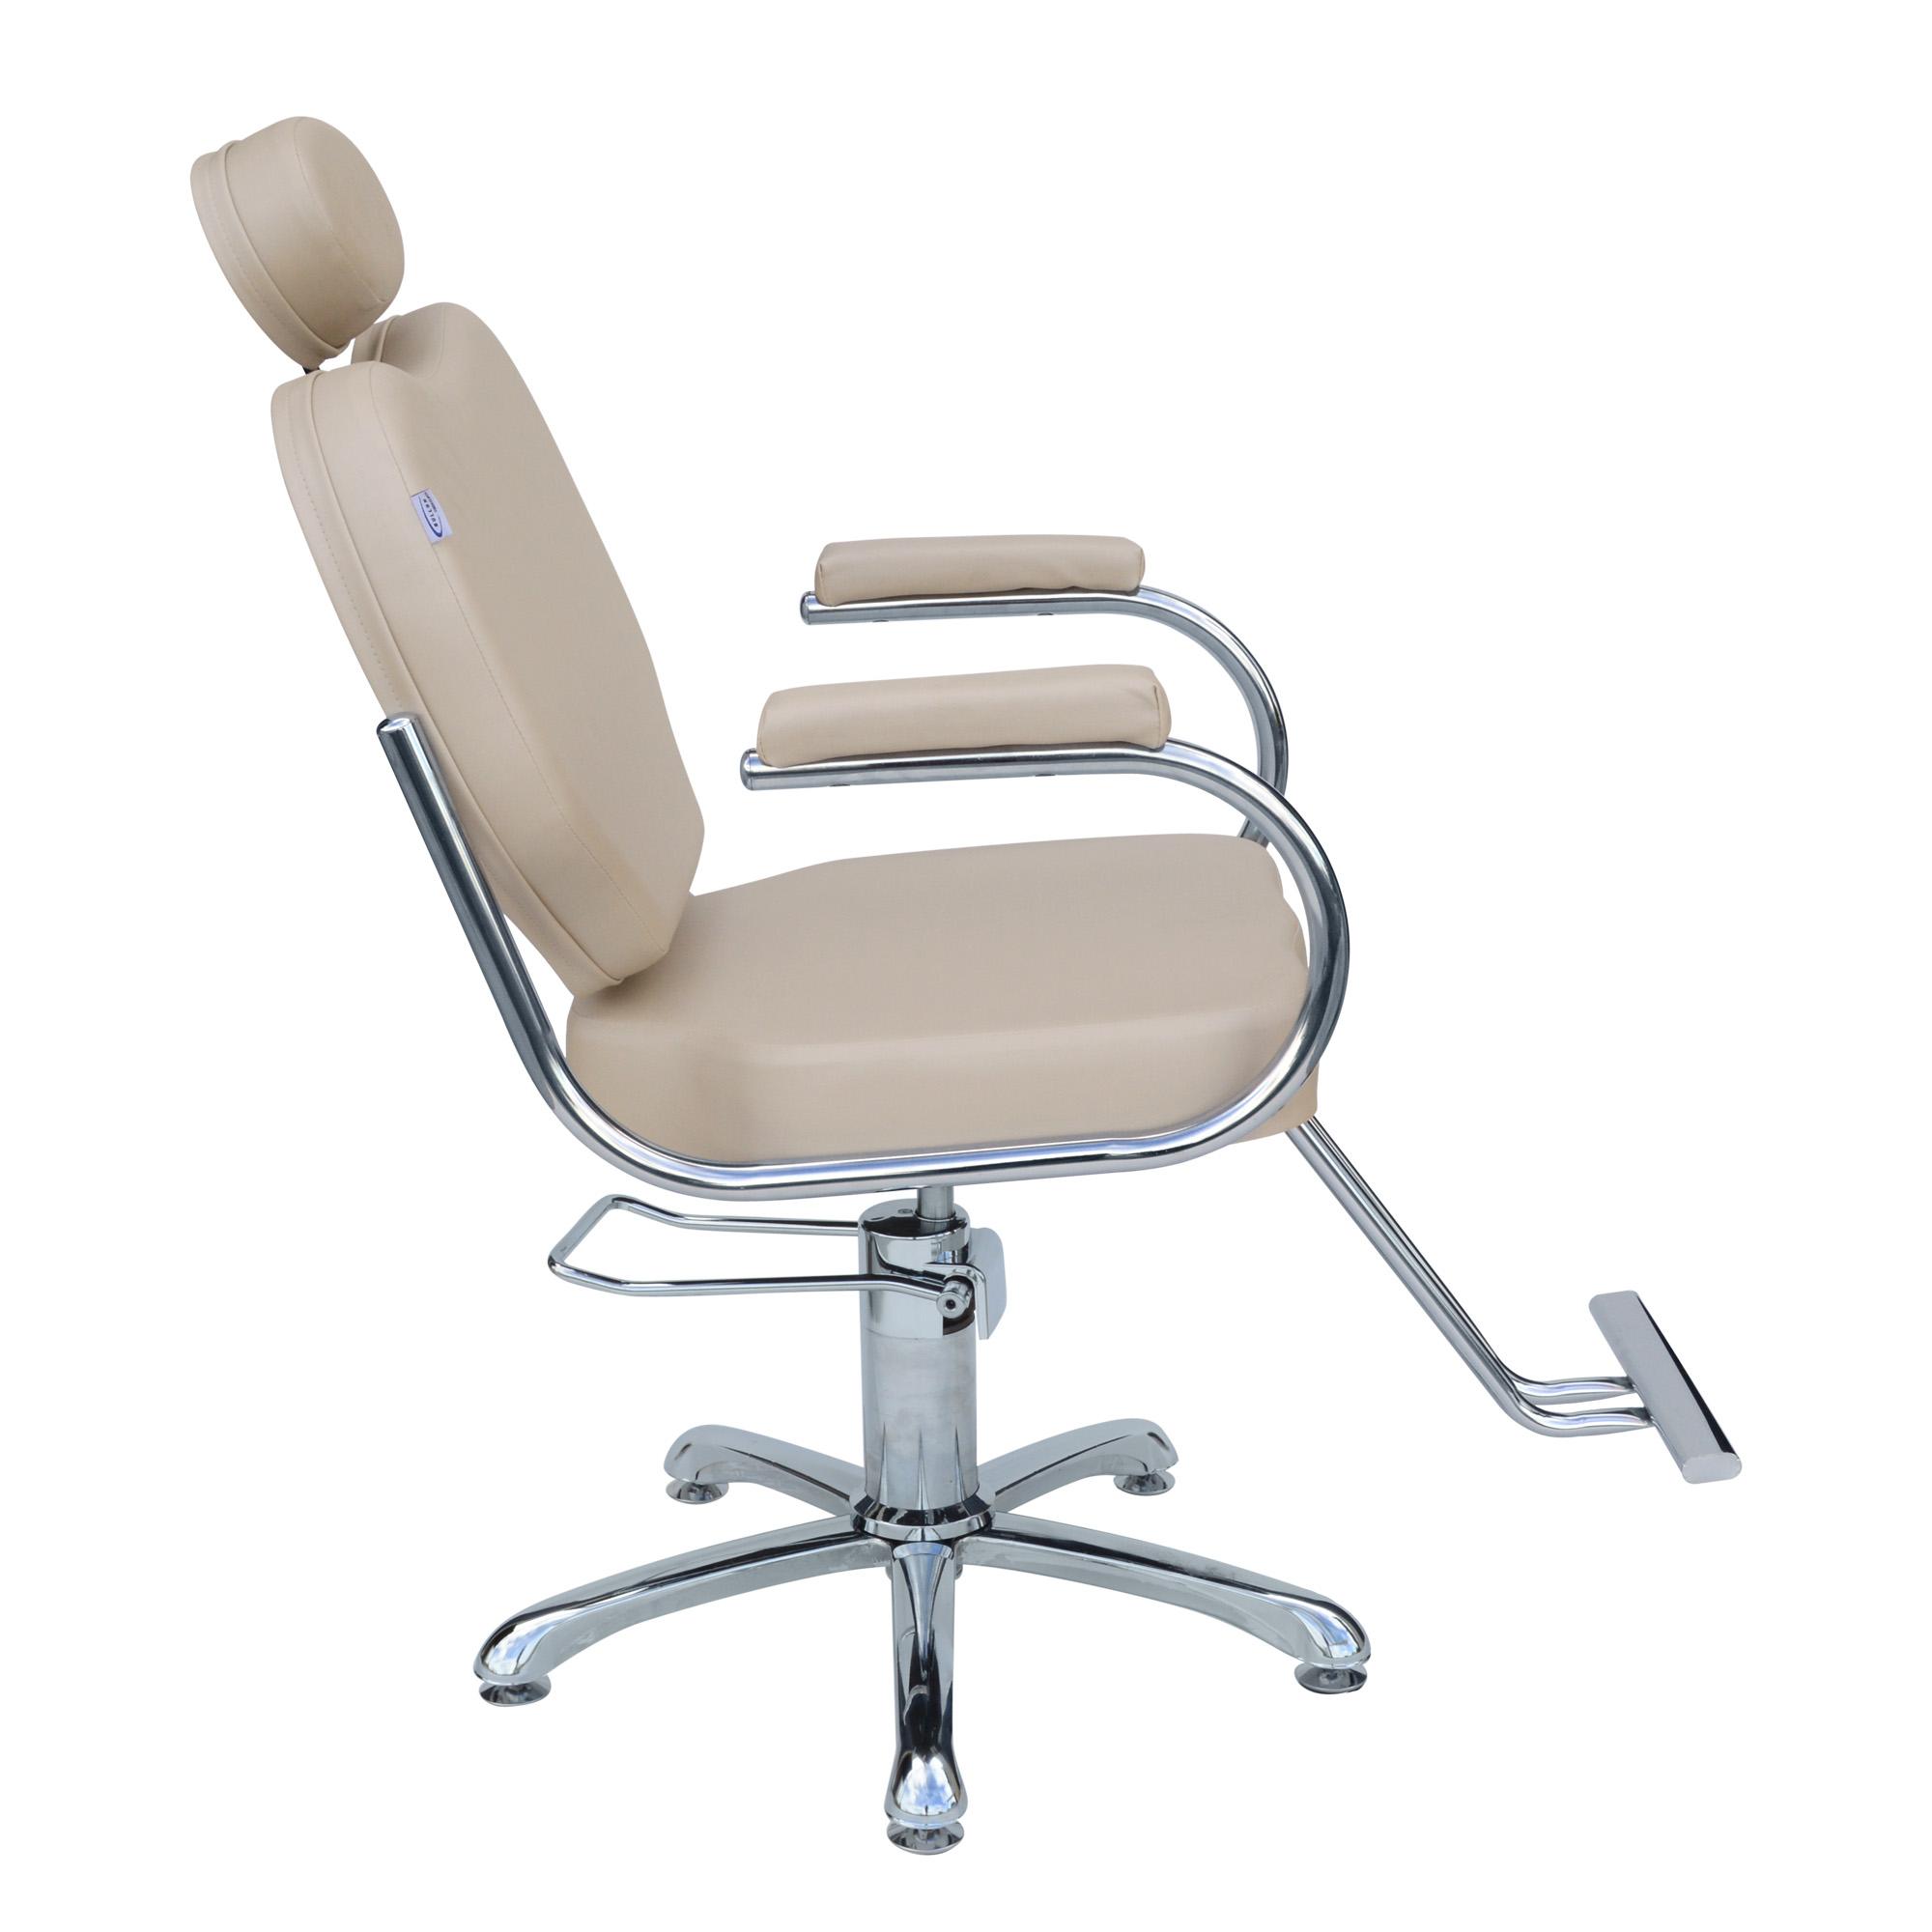 Cadeira Poltrona Hidráulica Talita Fixa